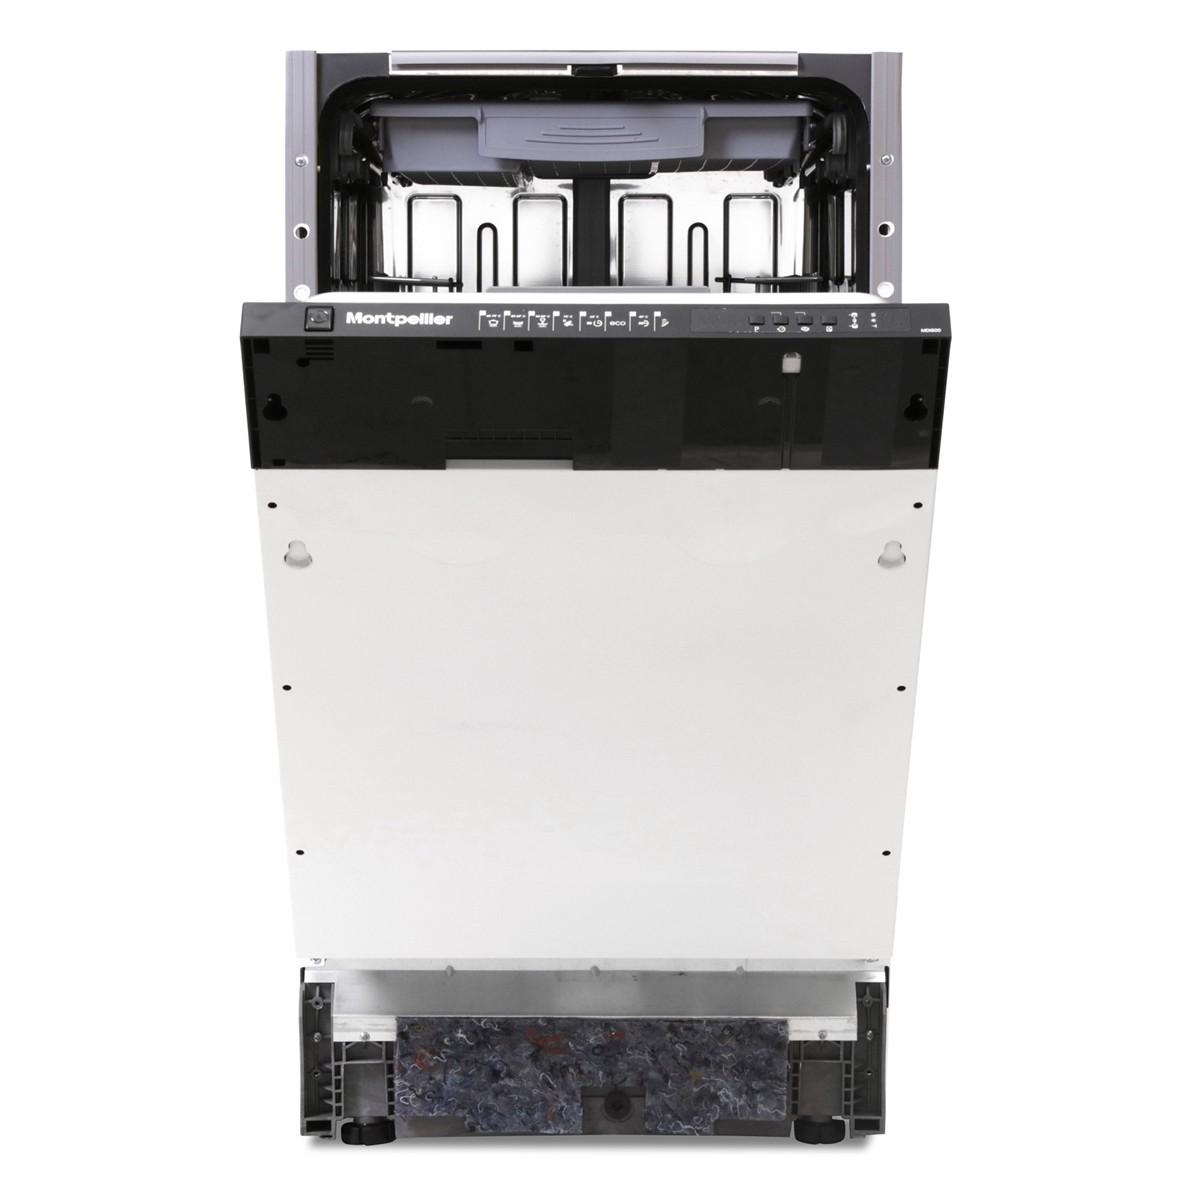 Montpellier MDI505 Slim Line Dishwasher